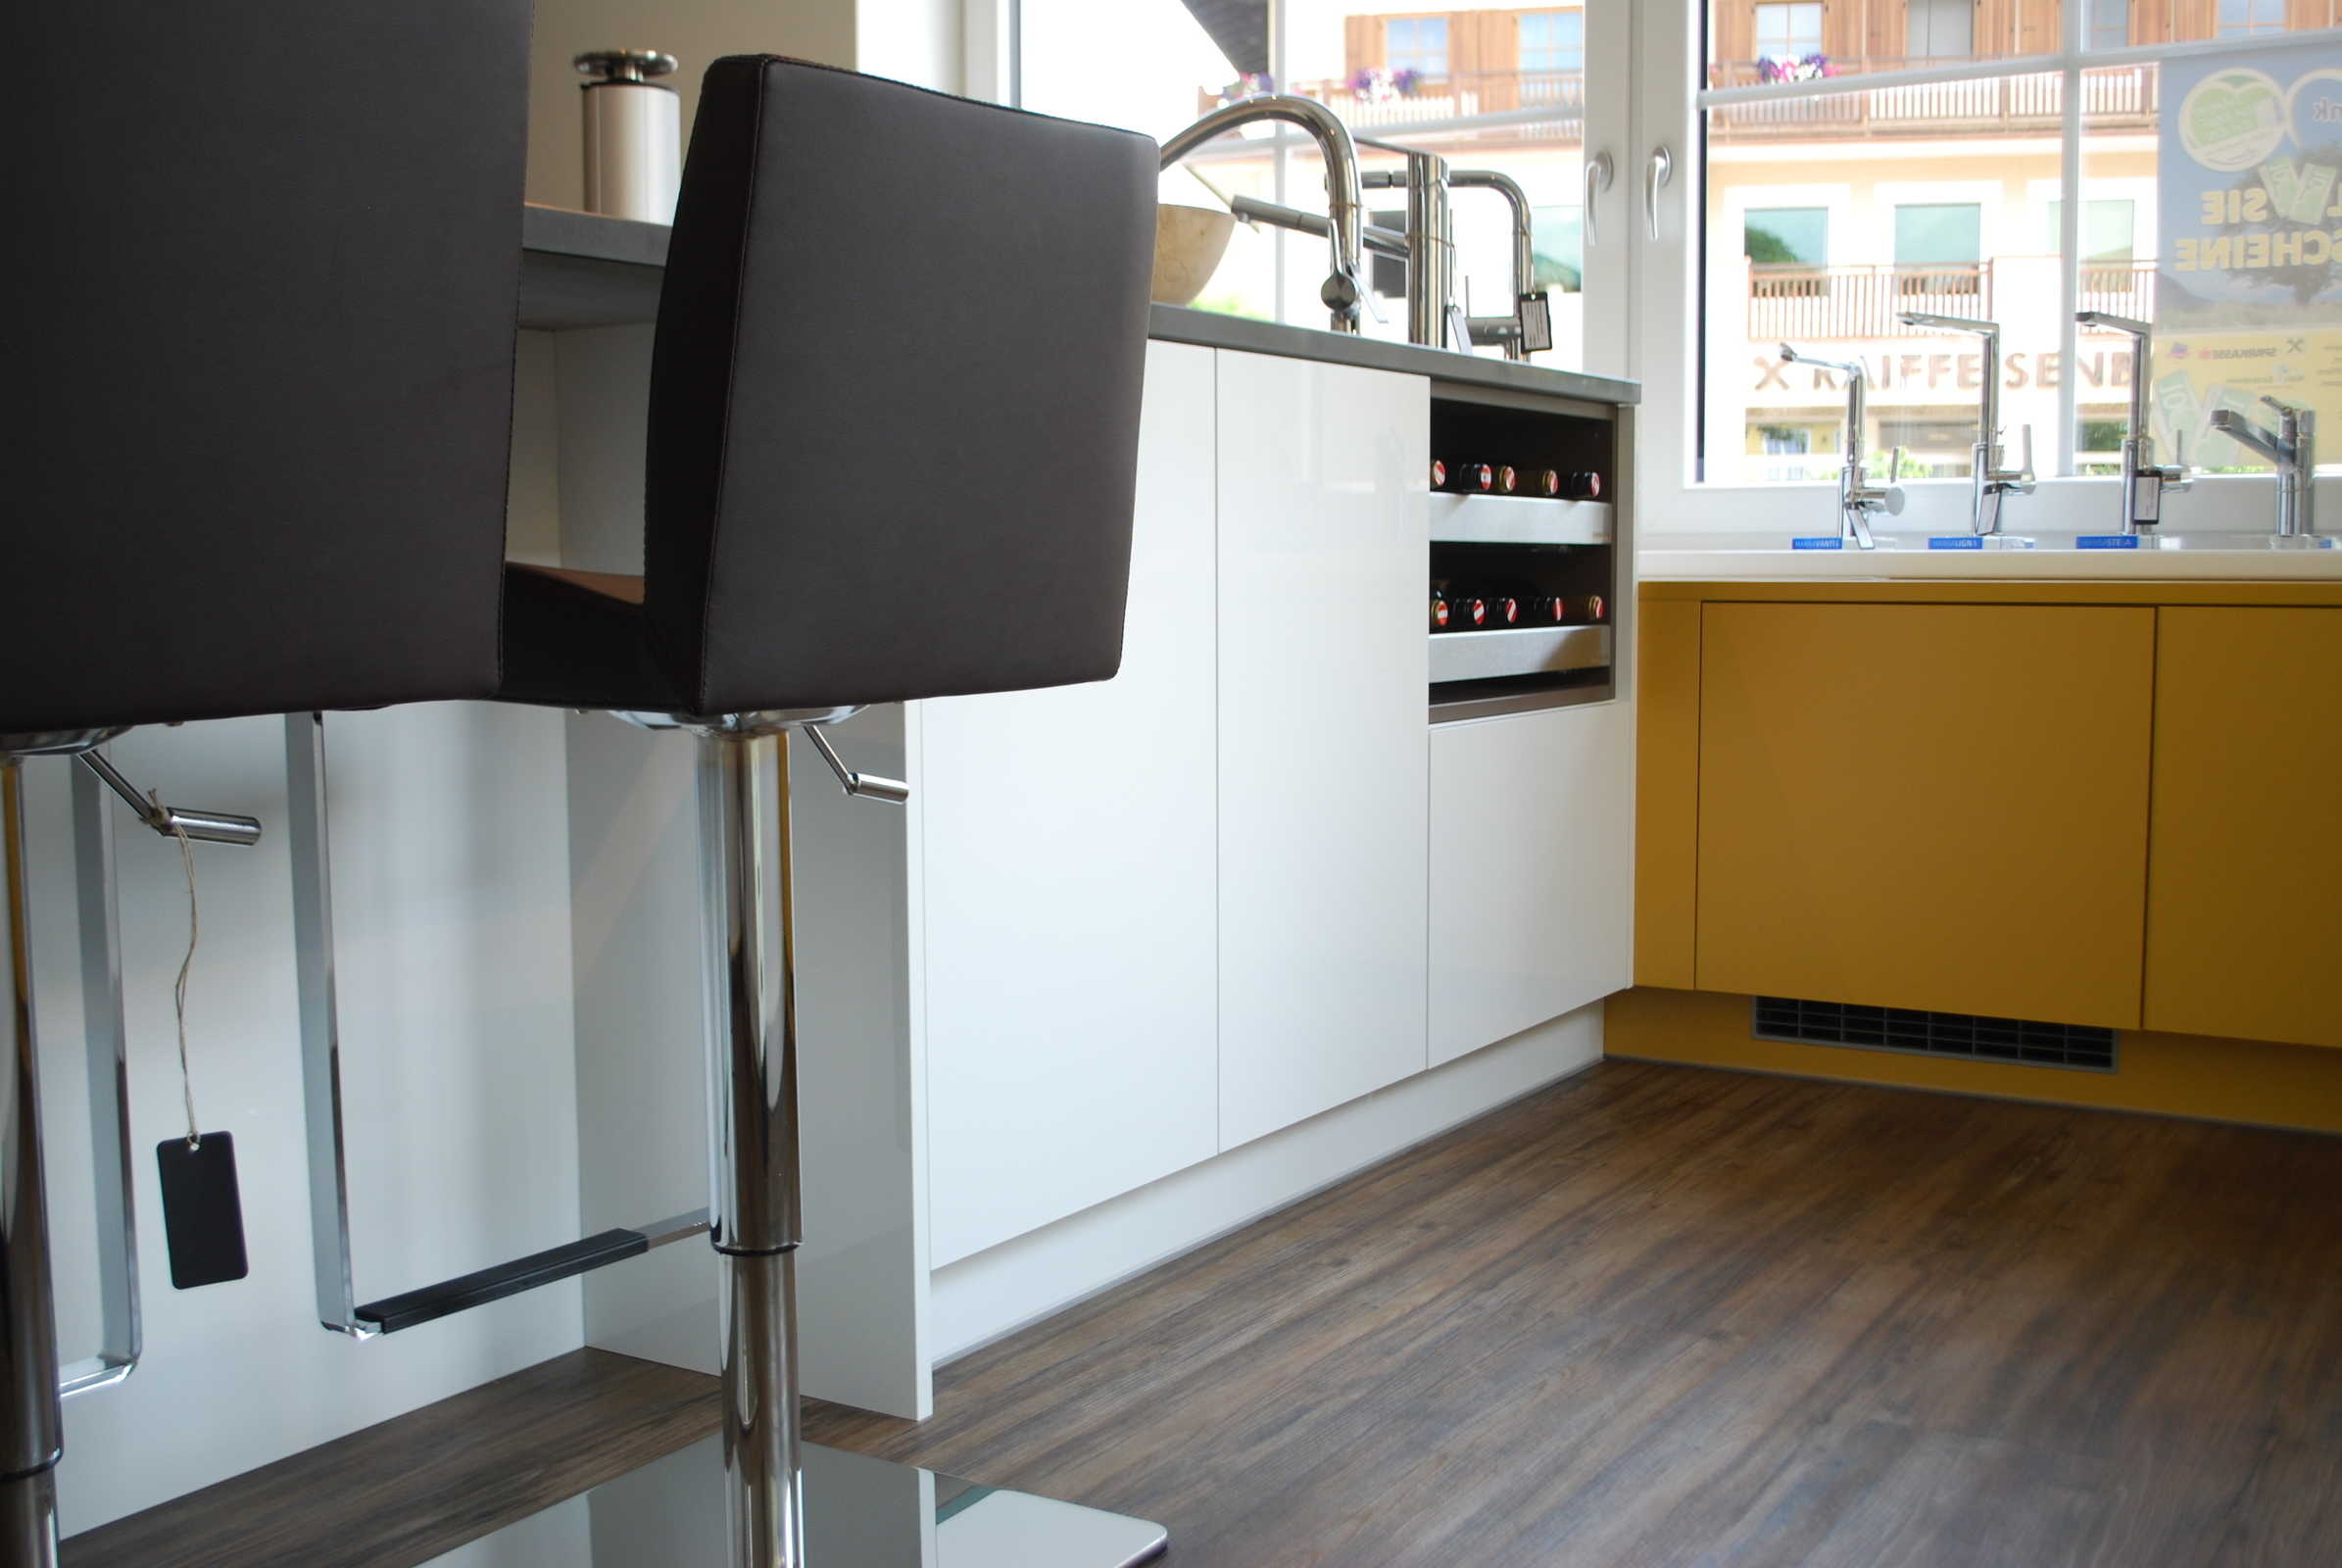 HAKA Küche, Kücheninsel Acryl Reinweiß Hochglanz › Taxer einrichten